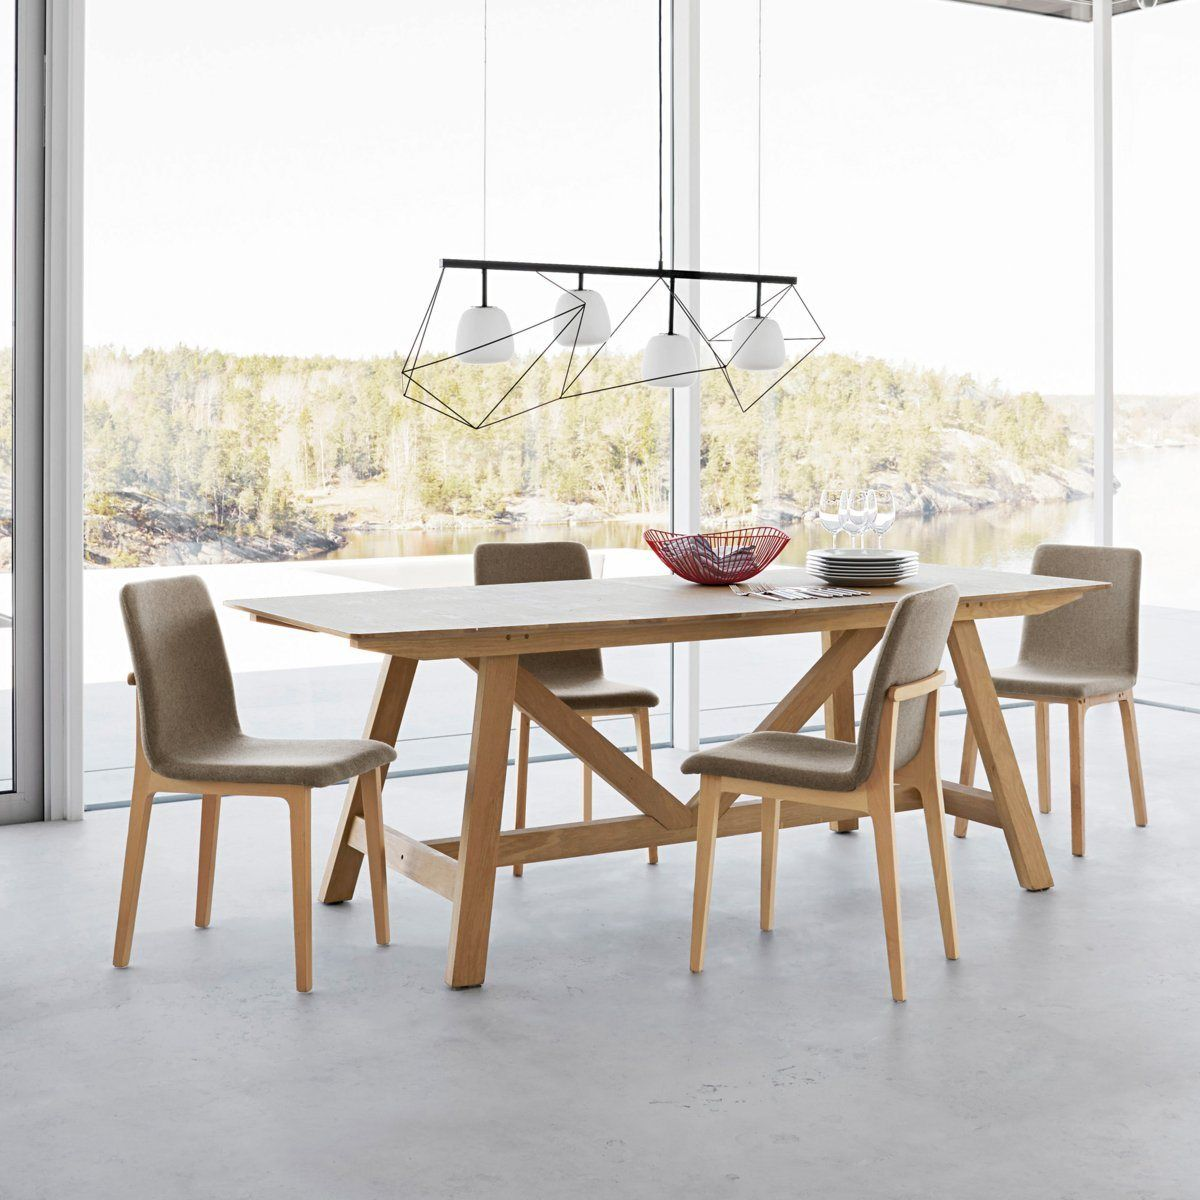 marvelous chaise pour table en bois #12: 100 photos de meubles ... - Chaise Pour Table En Bois